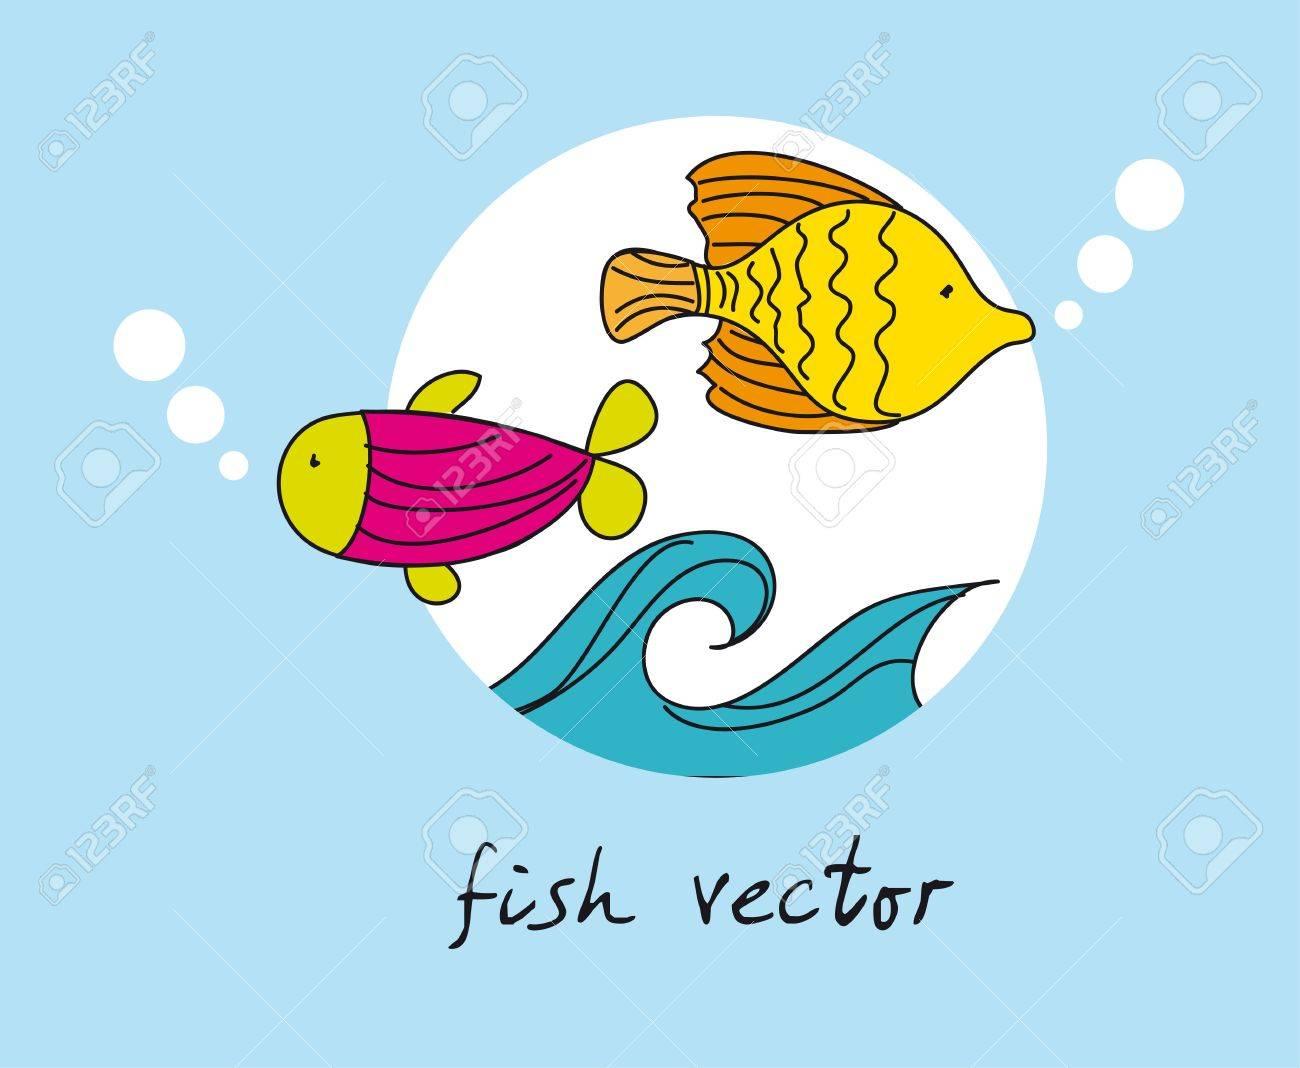 青い背景上のかわいい魚。ベクトル イラスト ロイヤリティフリー